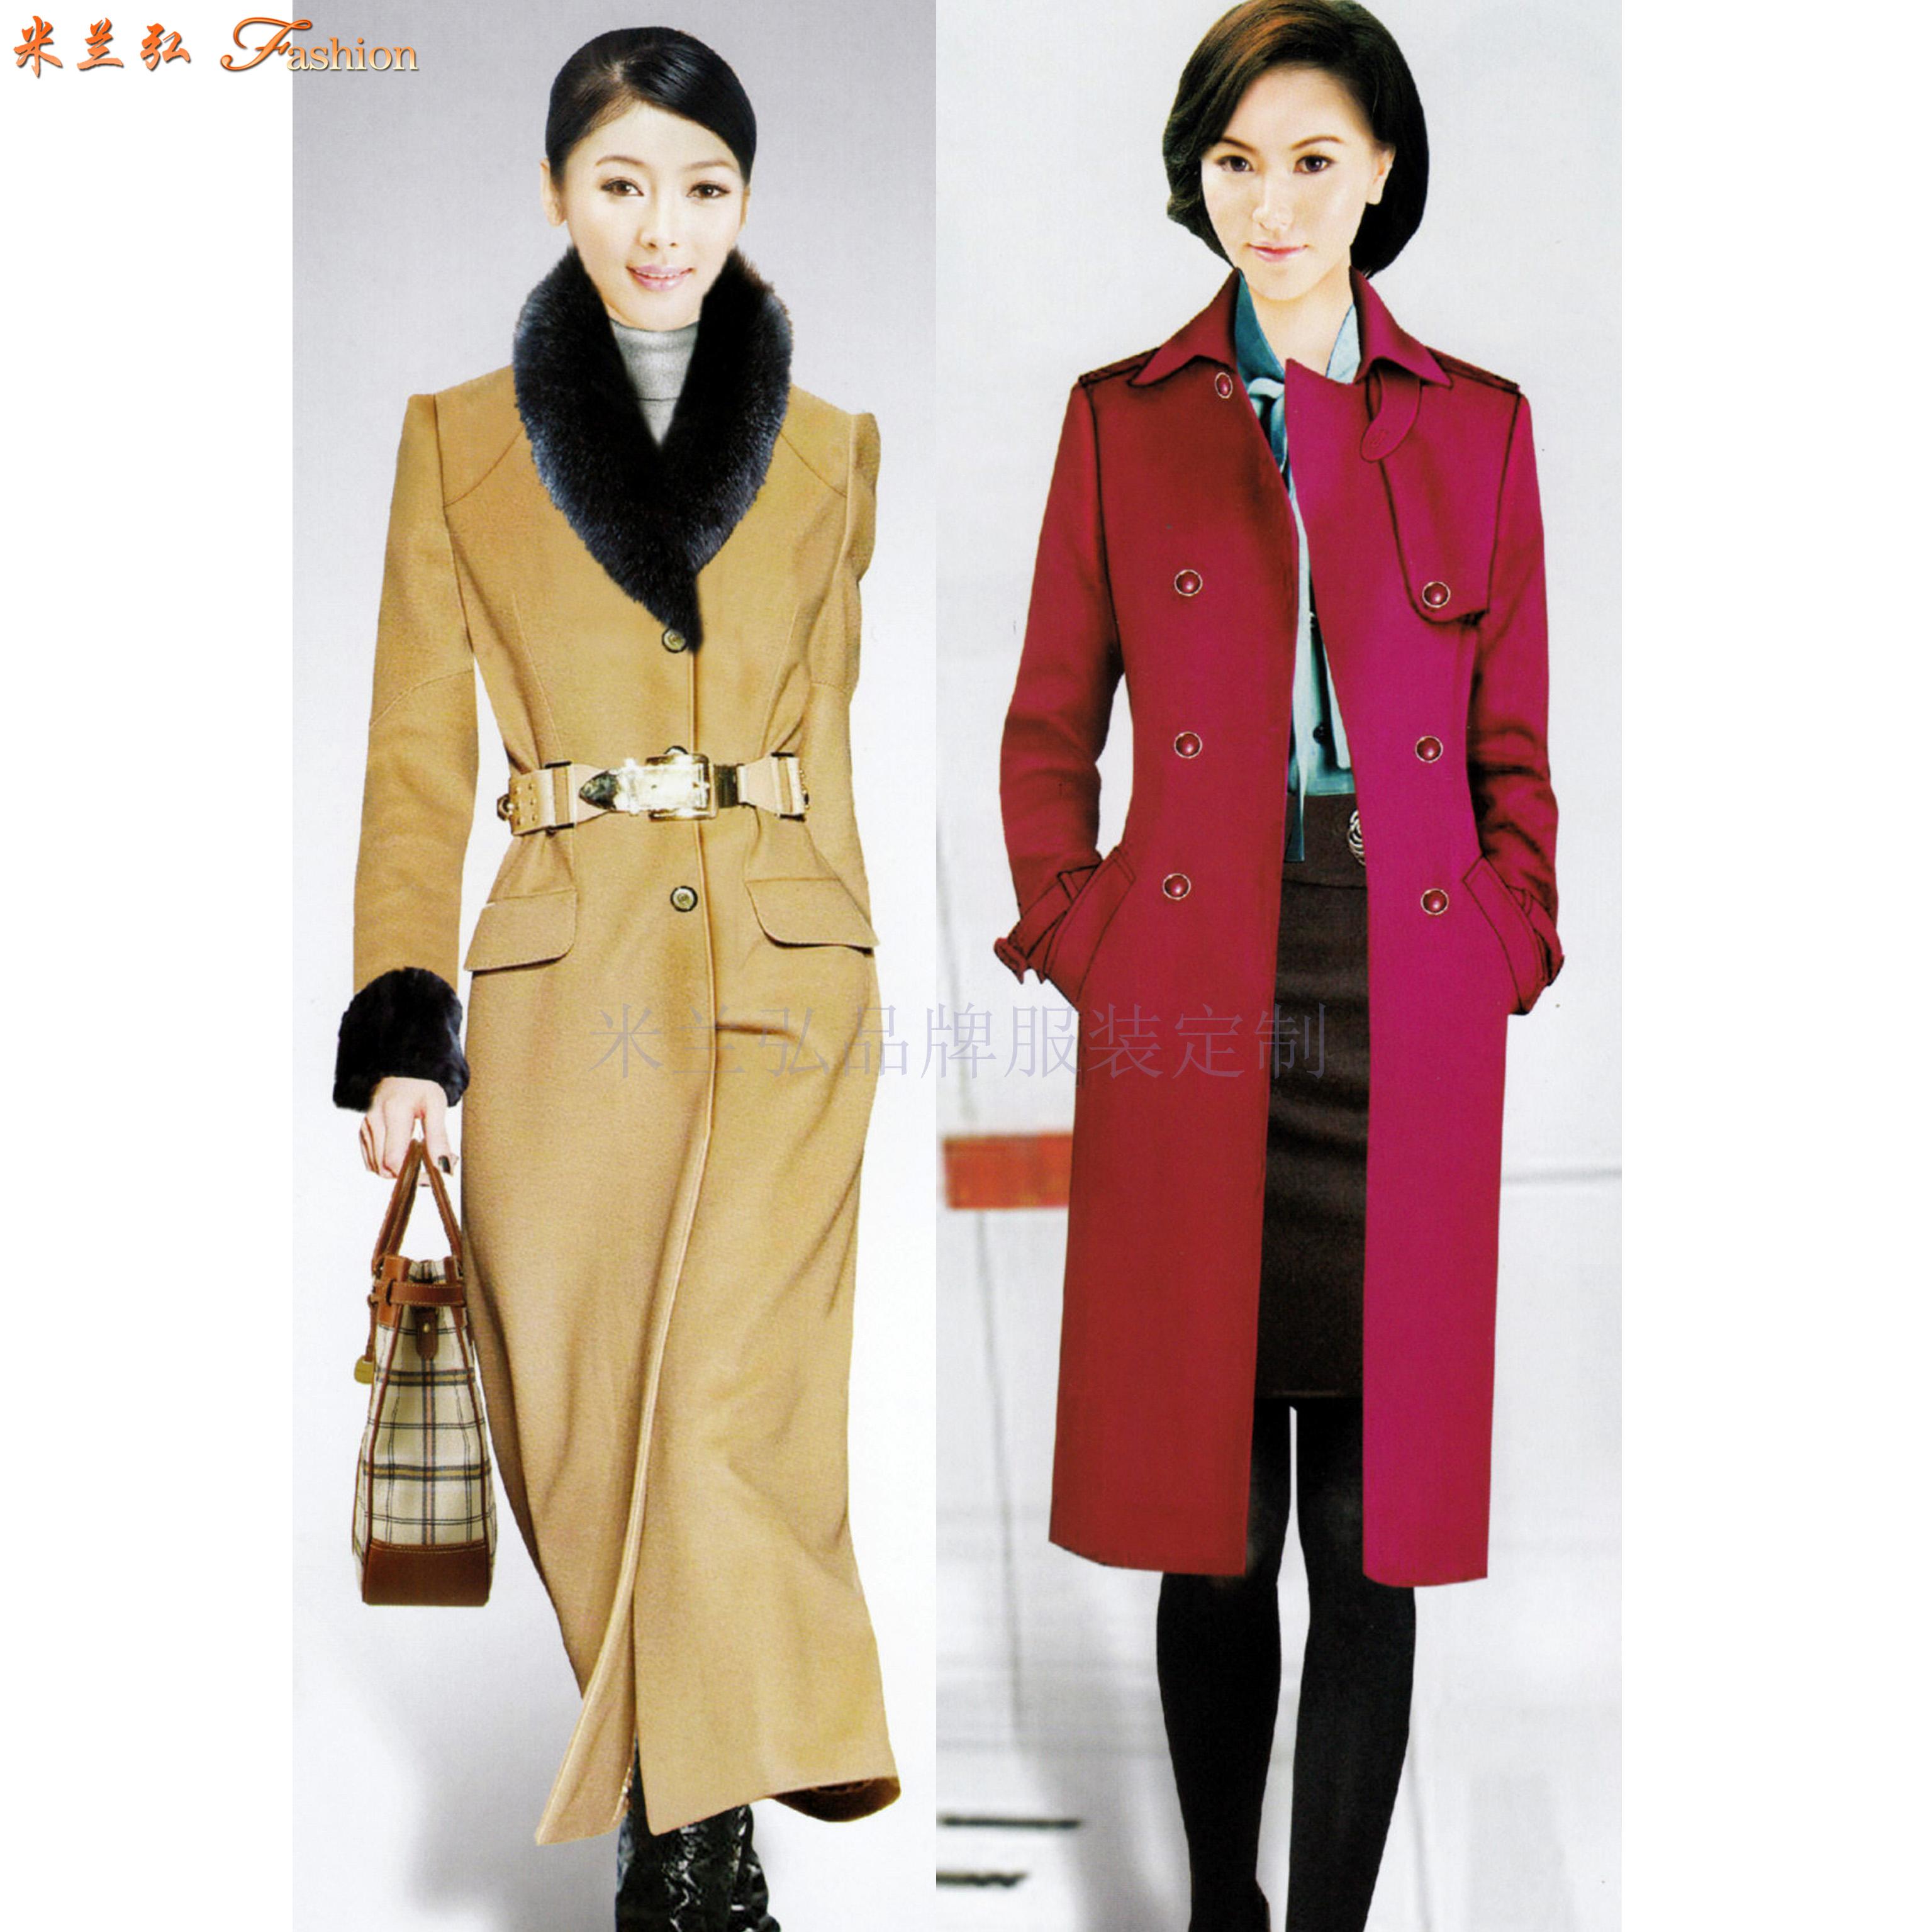 「濱州市大衣」濱州市貨真價實羊毛大衣定做廠家-米蘭弘服裝-1